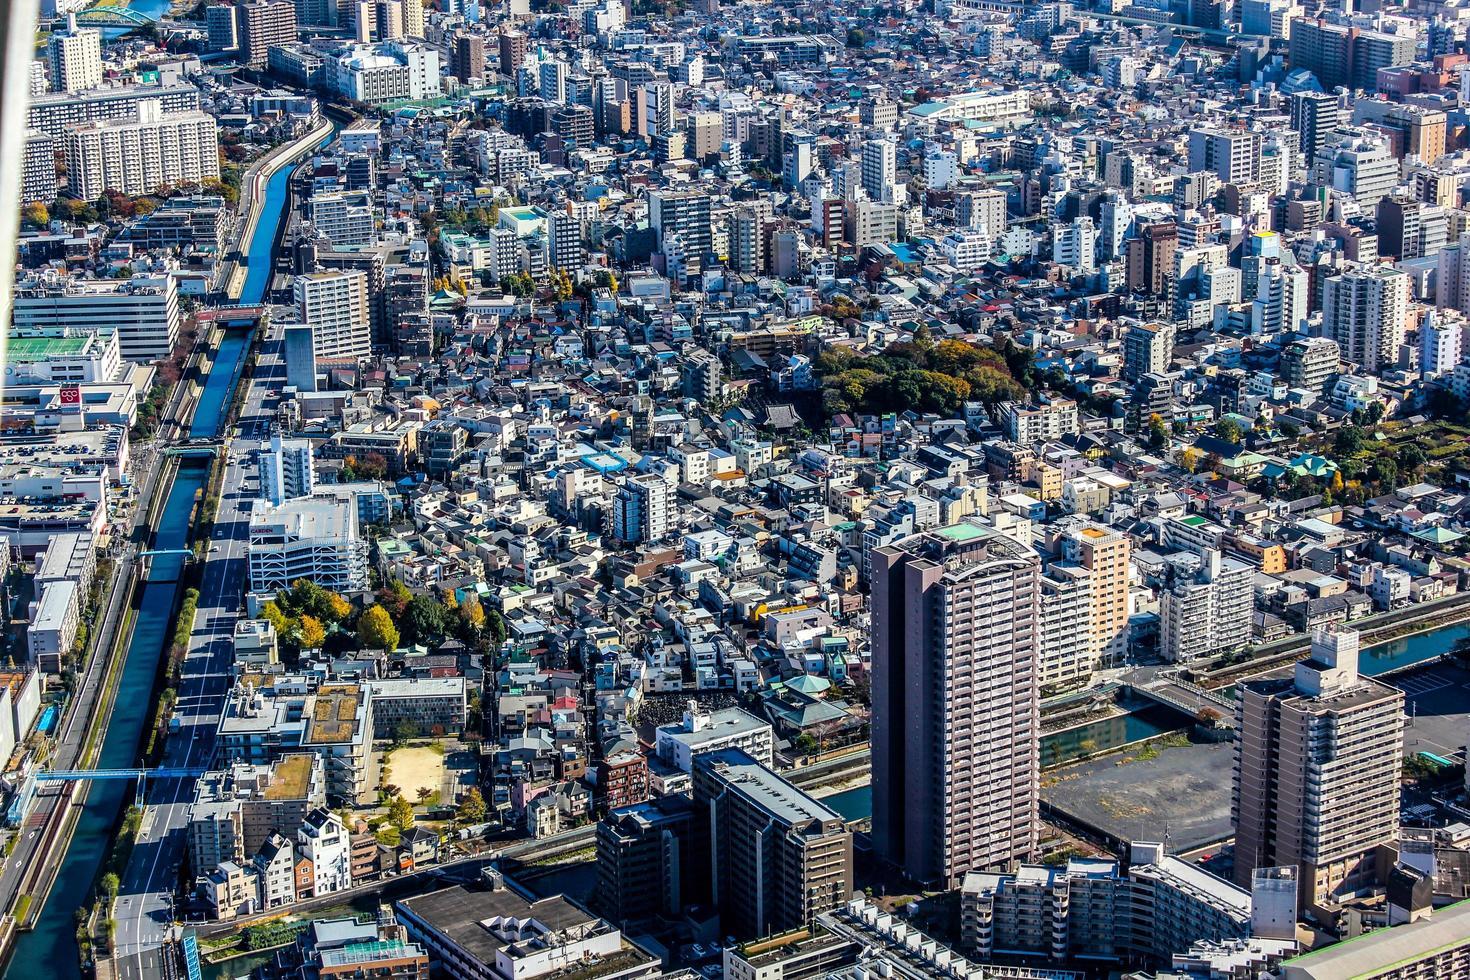 Luftaufnahme von Gebäuden in einer Stadt foto